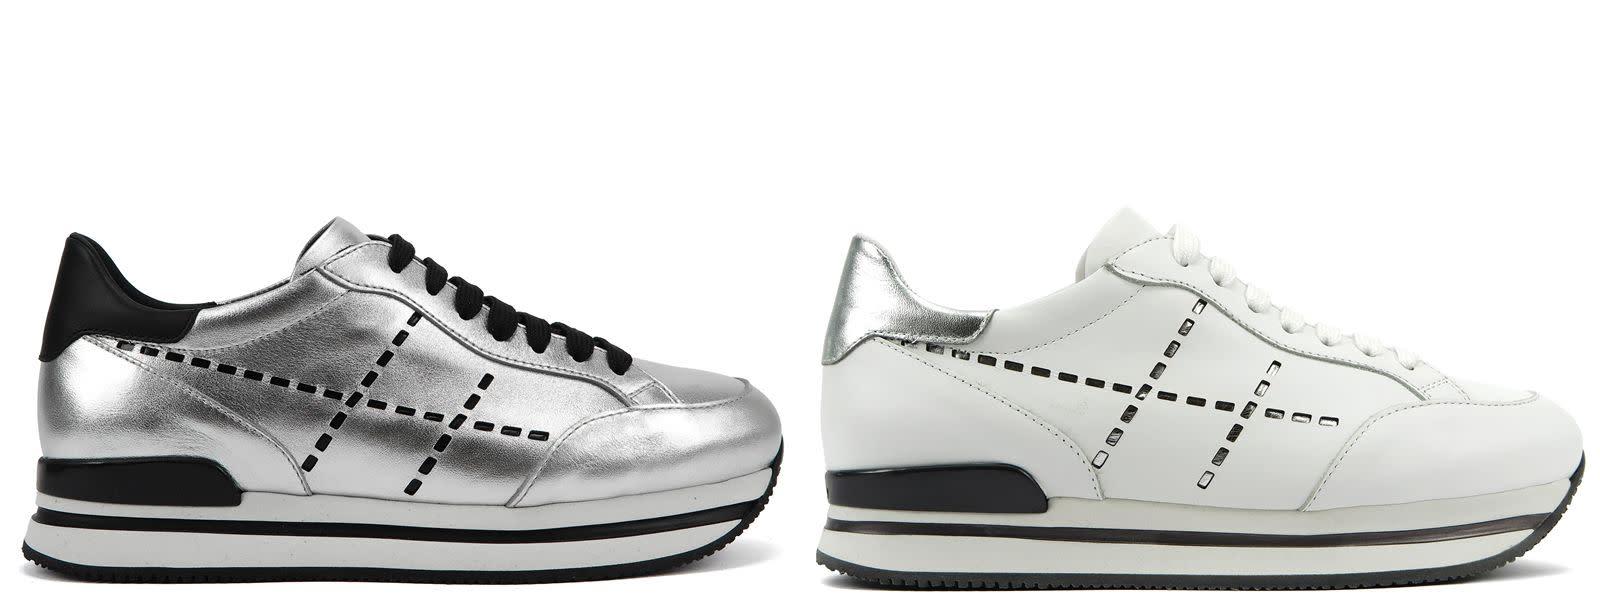 (左圖)HOGAN H222銀色鏡面皮革休閒鞋,NTD 18,300。(右圖)HOGAN H222鏡面皮革拼接休閒鞋,NTD 18,300。